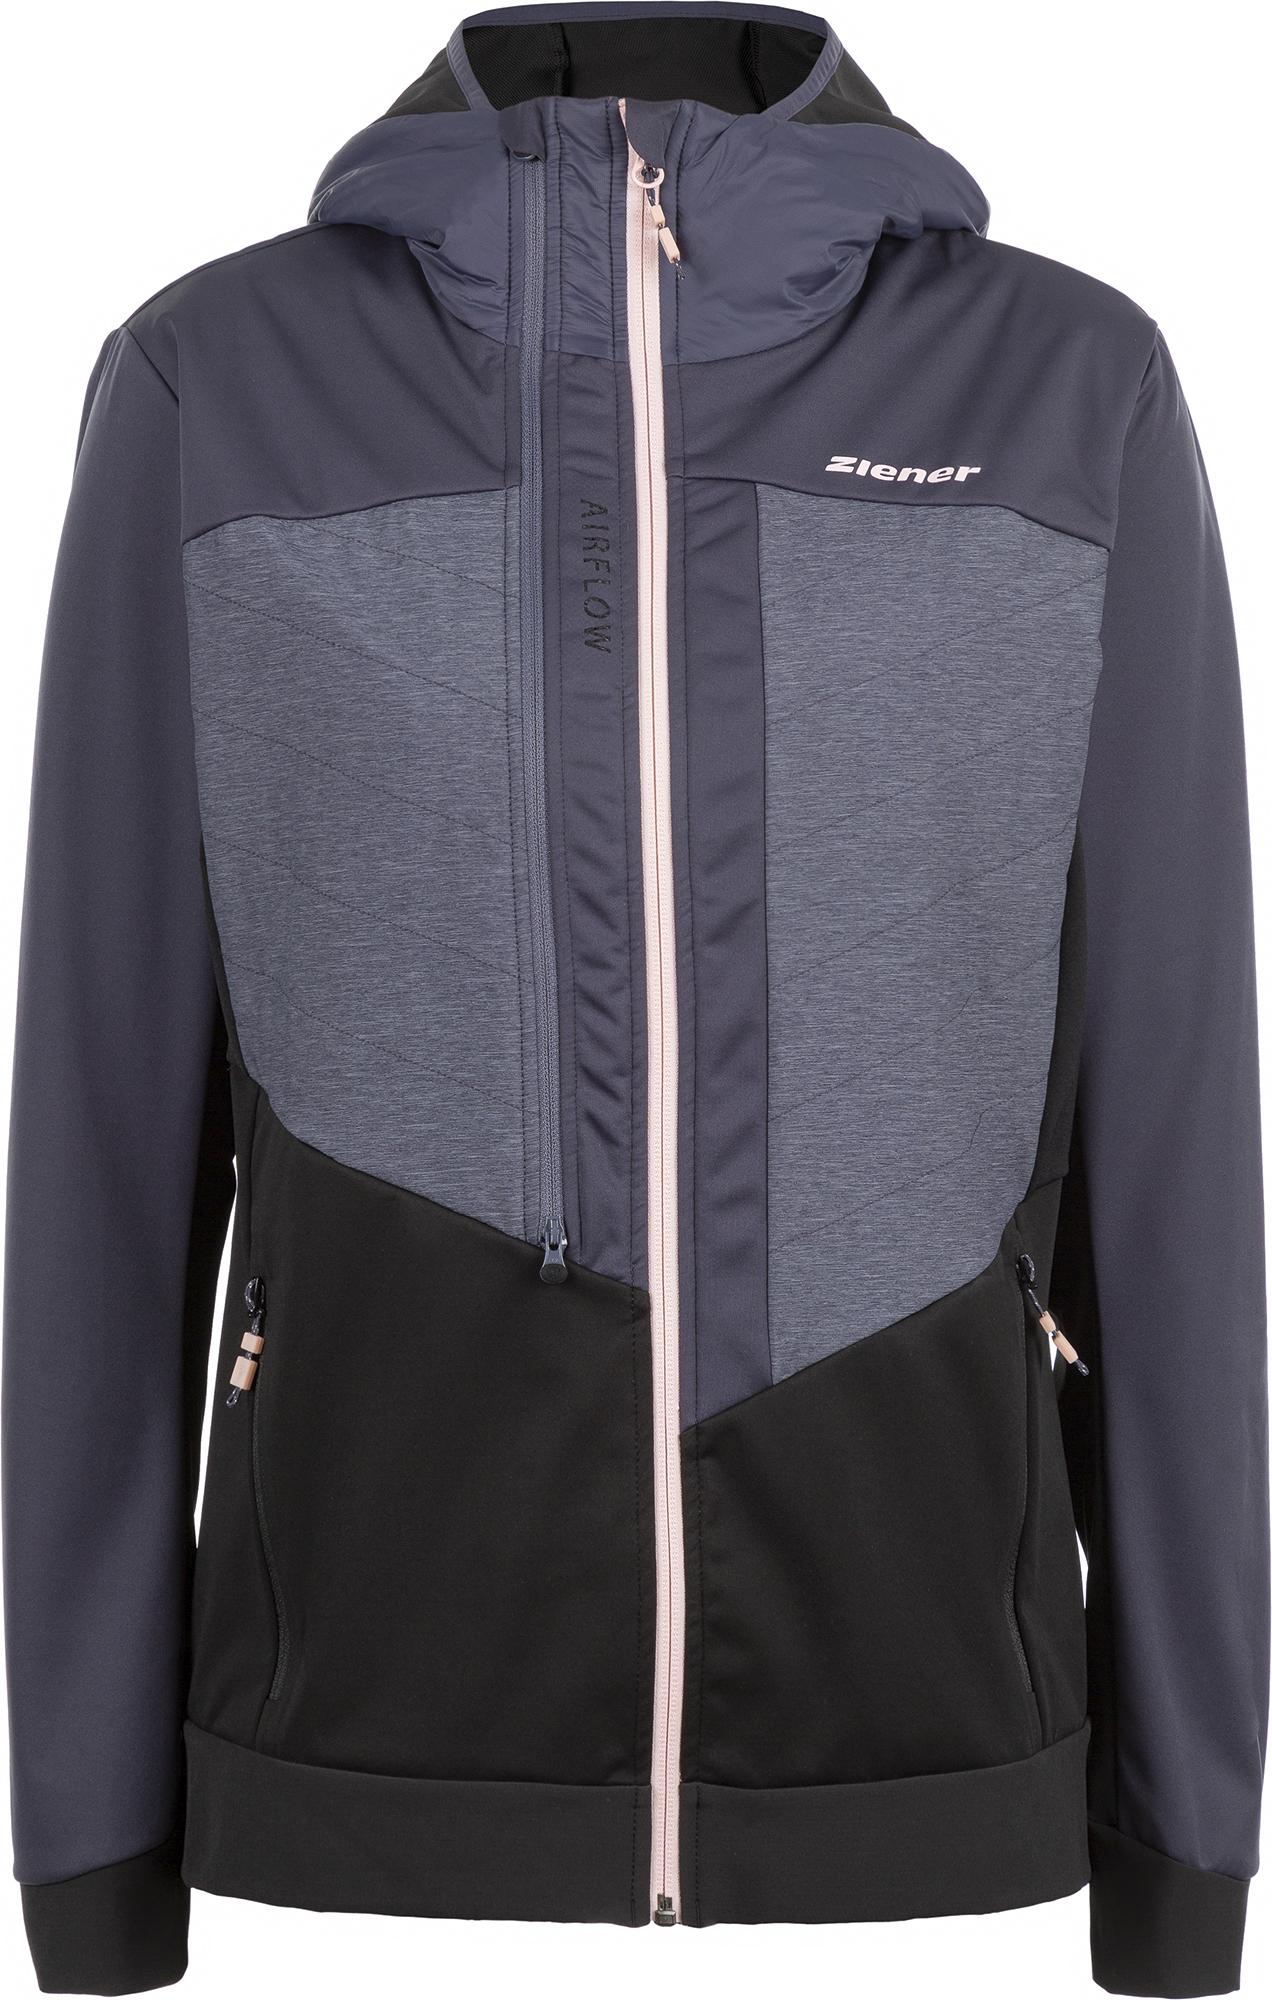 Ziener Куртка утепленная женская Ziener Neta, размер 44